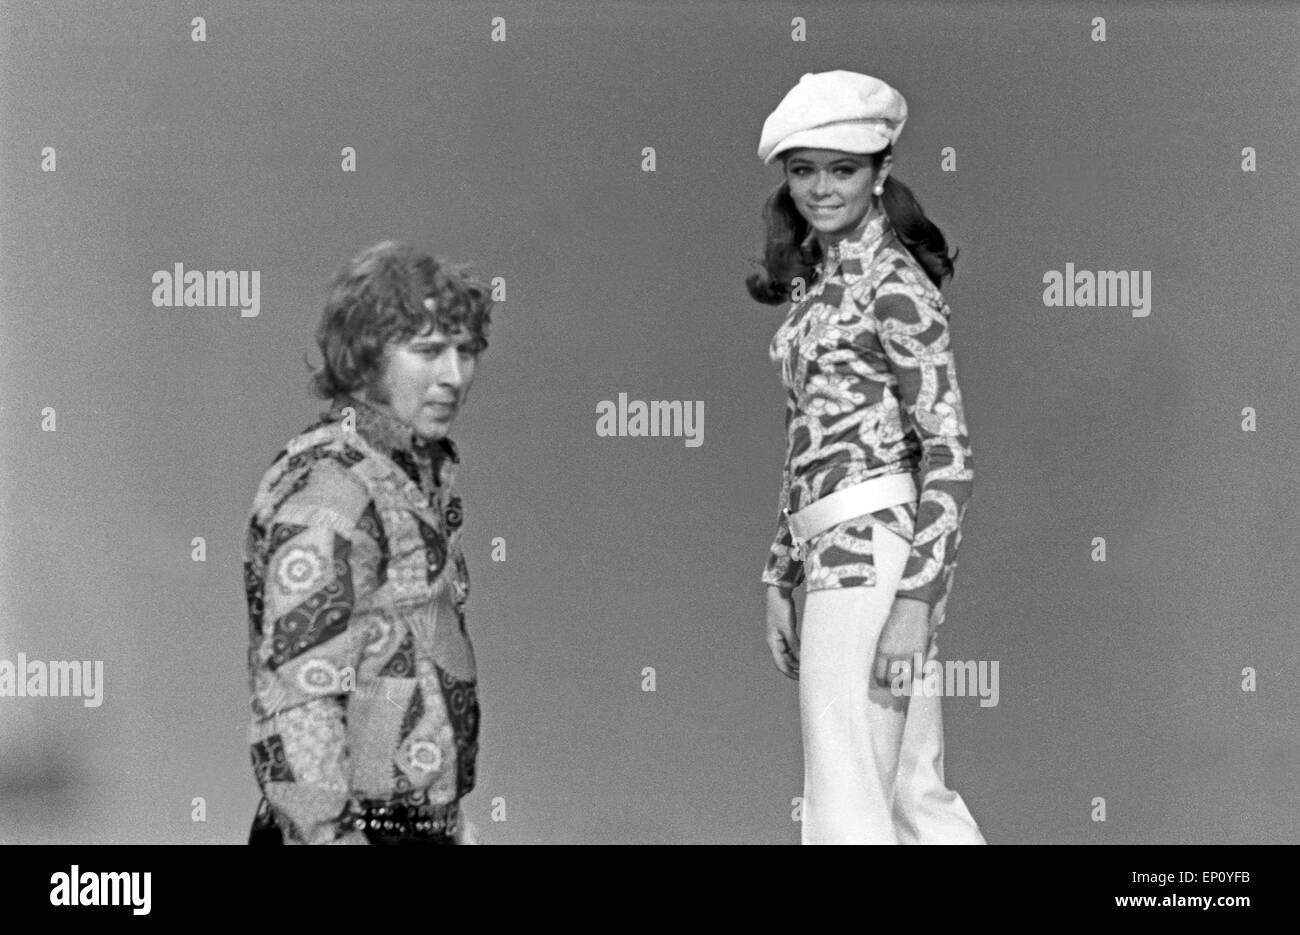 Norwegische Schlagersängerin Wencke Myhre erhält Anweisungen von Regisseur Michael Pfleghar, Anfang 1970er - Stock Image